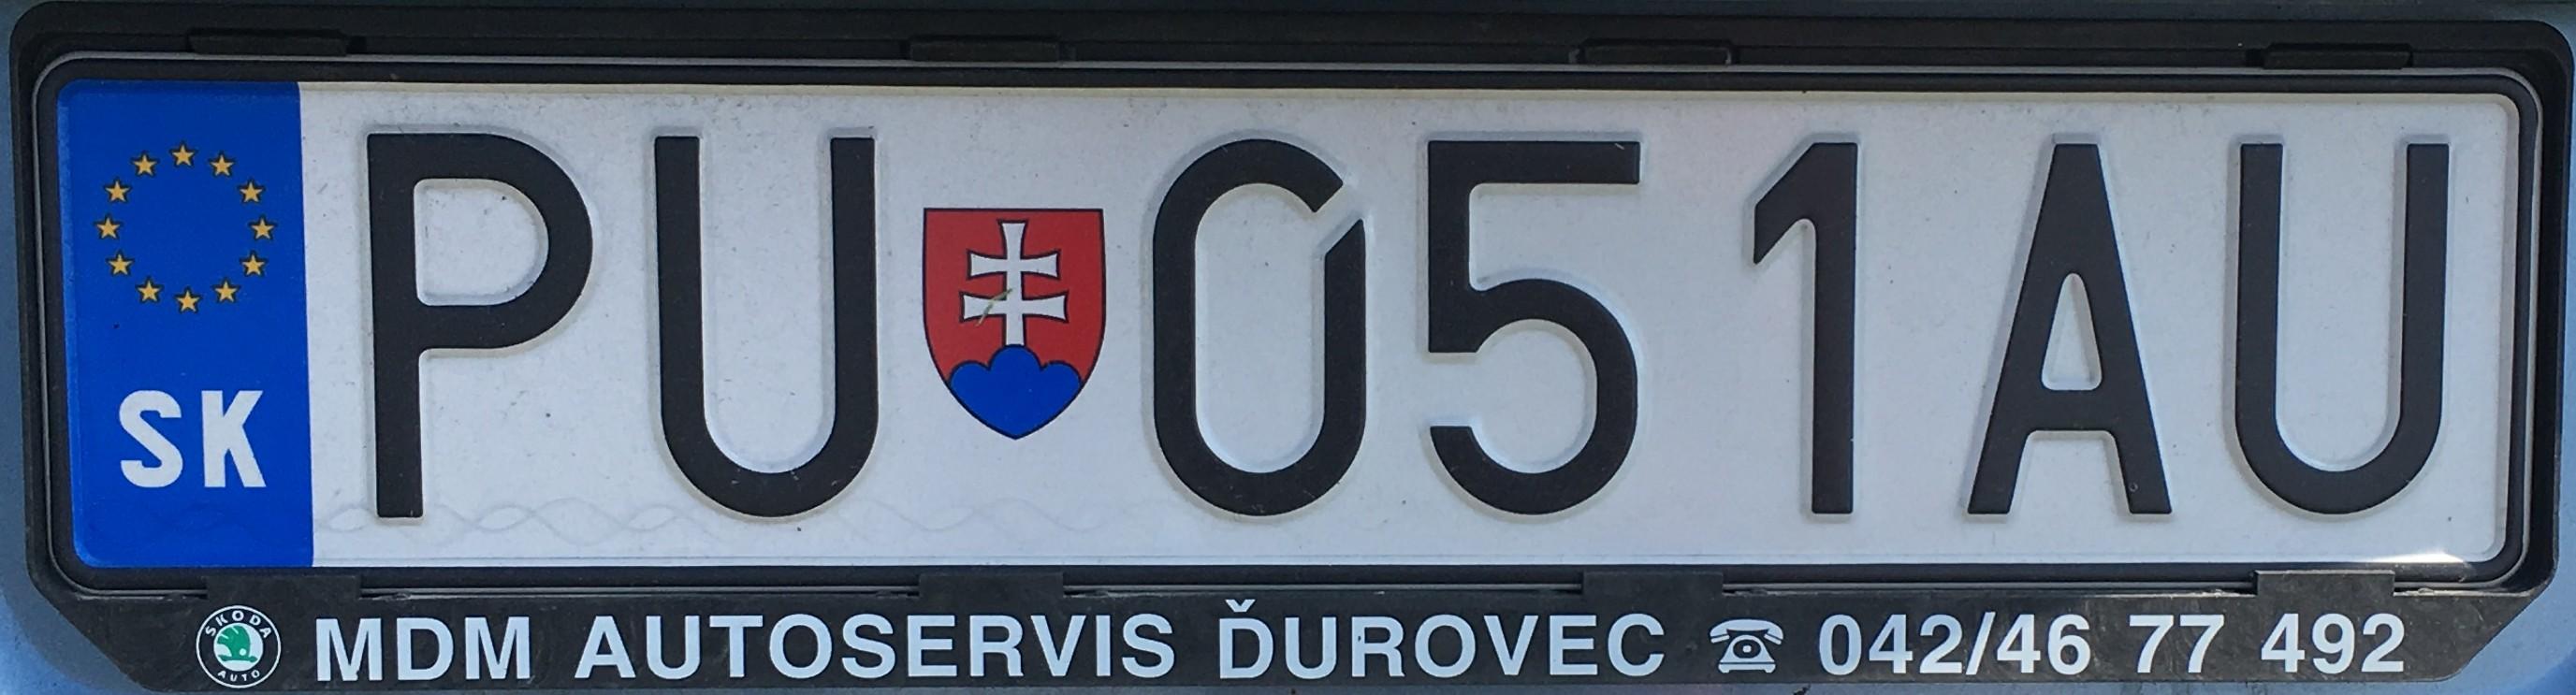 Registrační značka: PU-Púchov, foto: vlastní